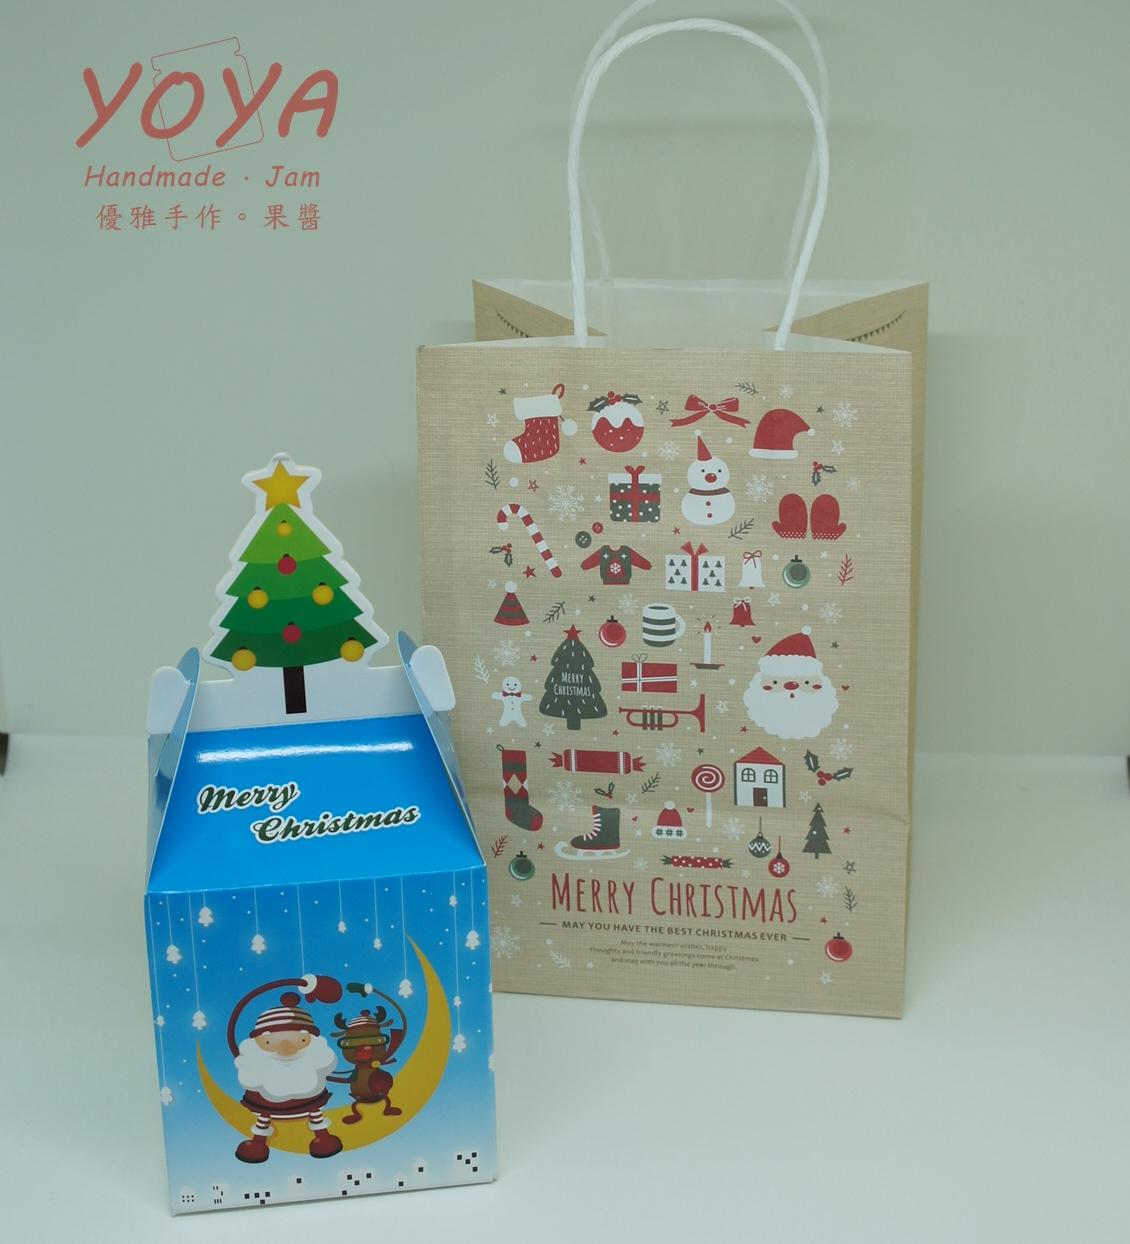 **禮盒加購**優雅手作 X 聖誕節禮盒(聖誕樹)